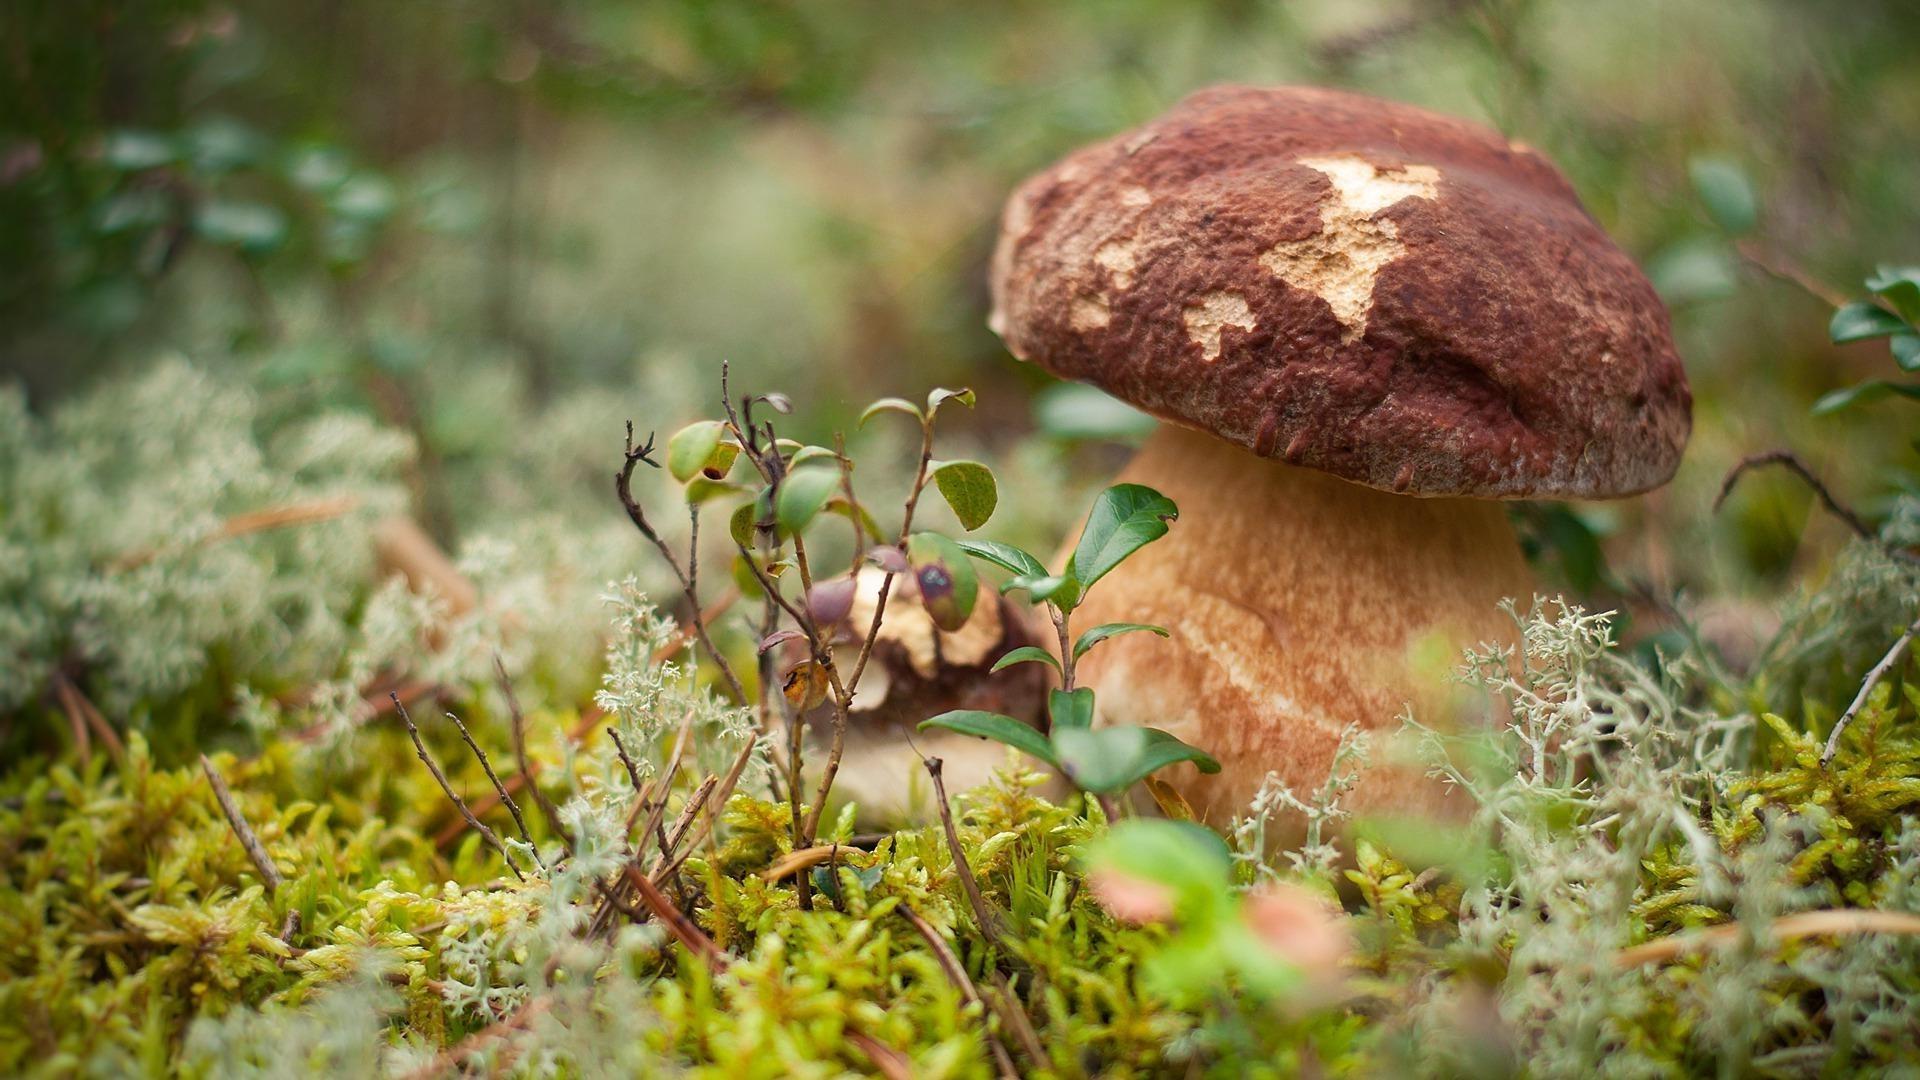 Картинки на рабочий стол грибы в лесу